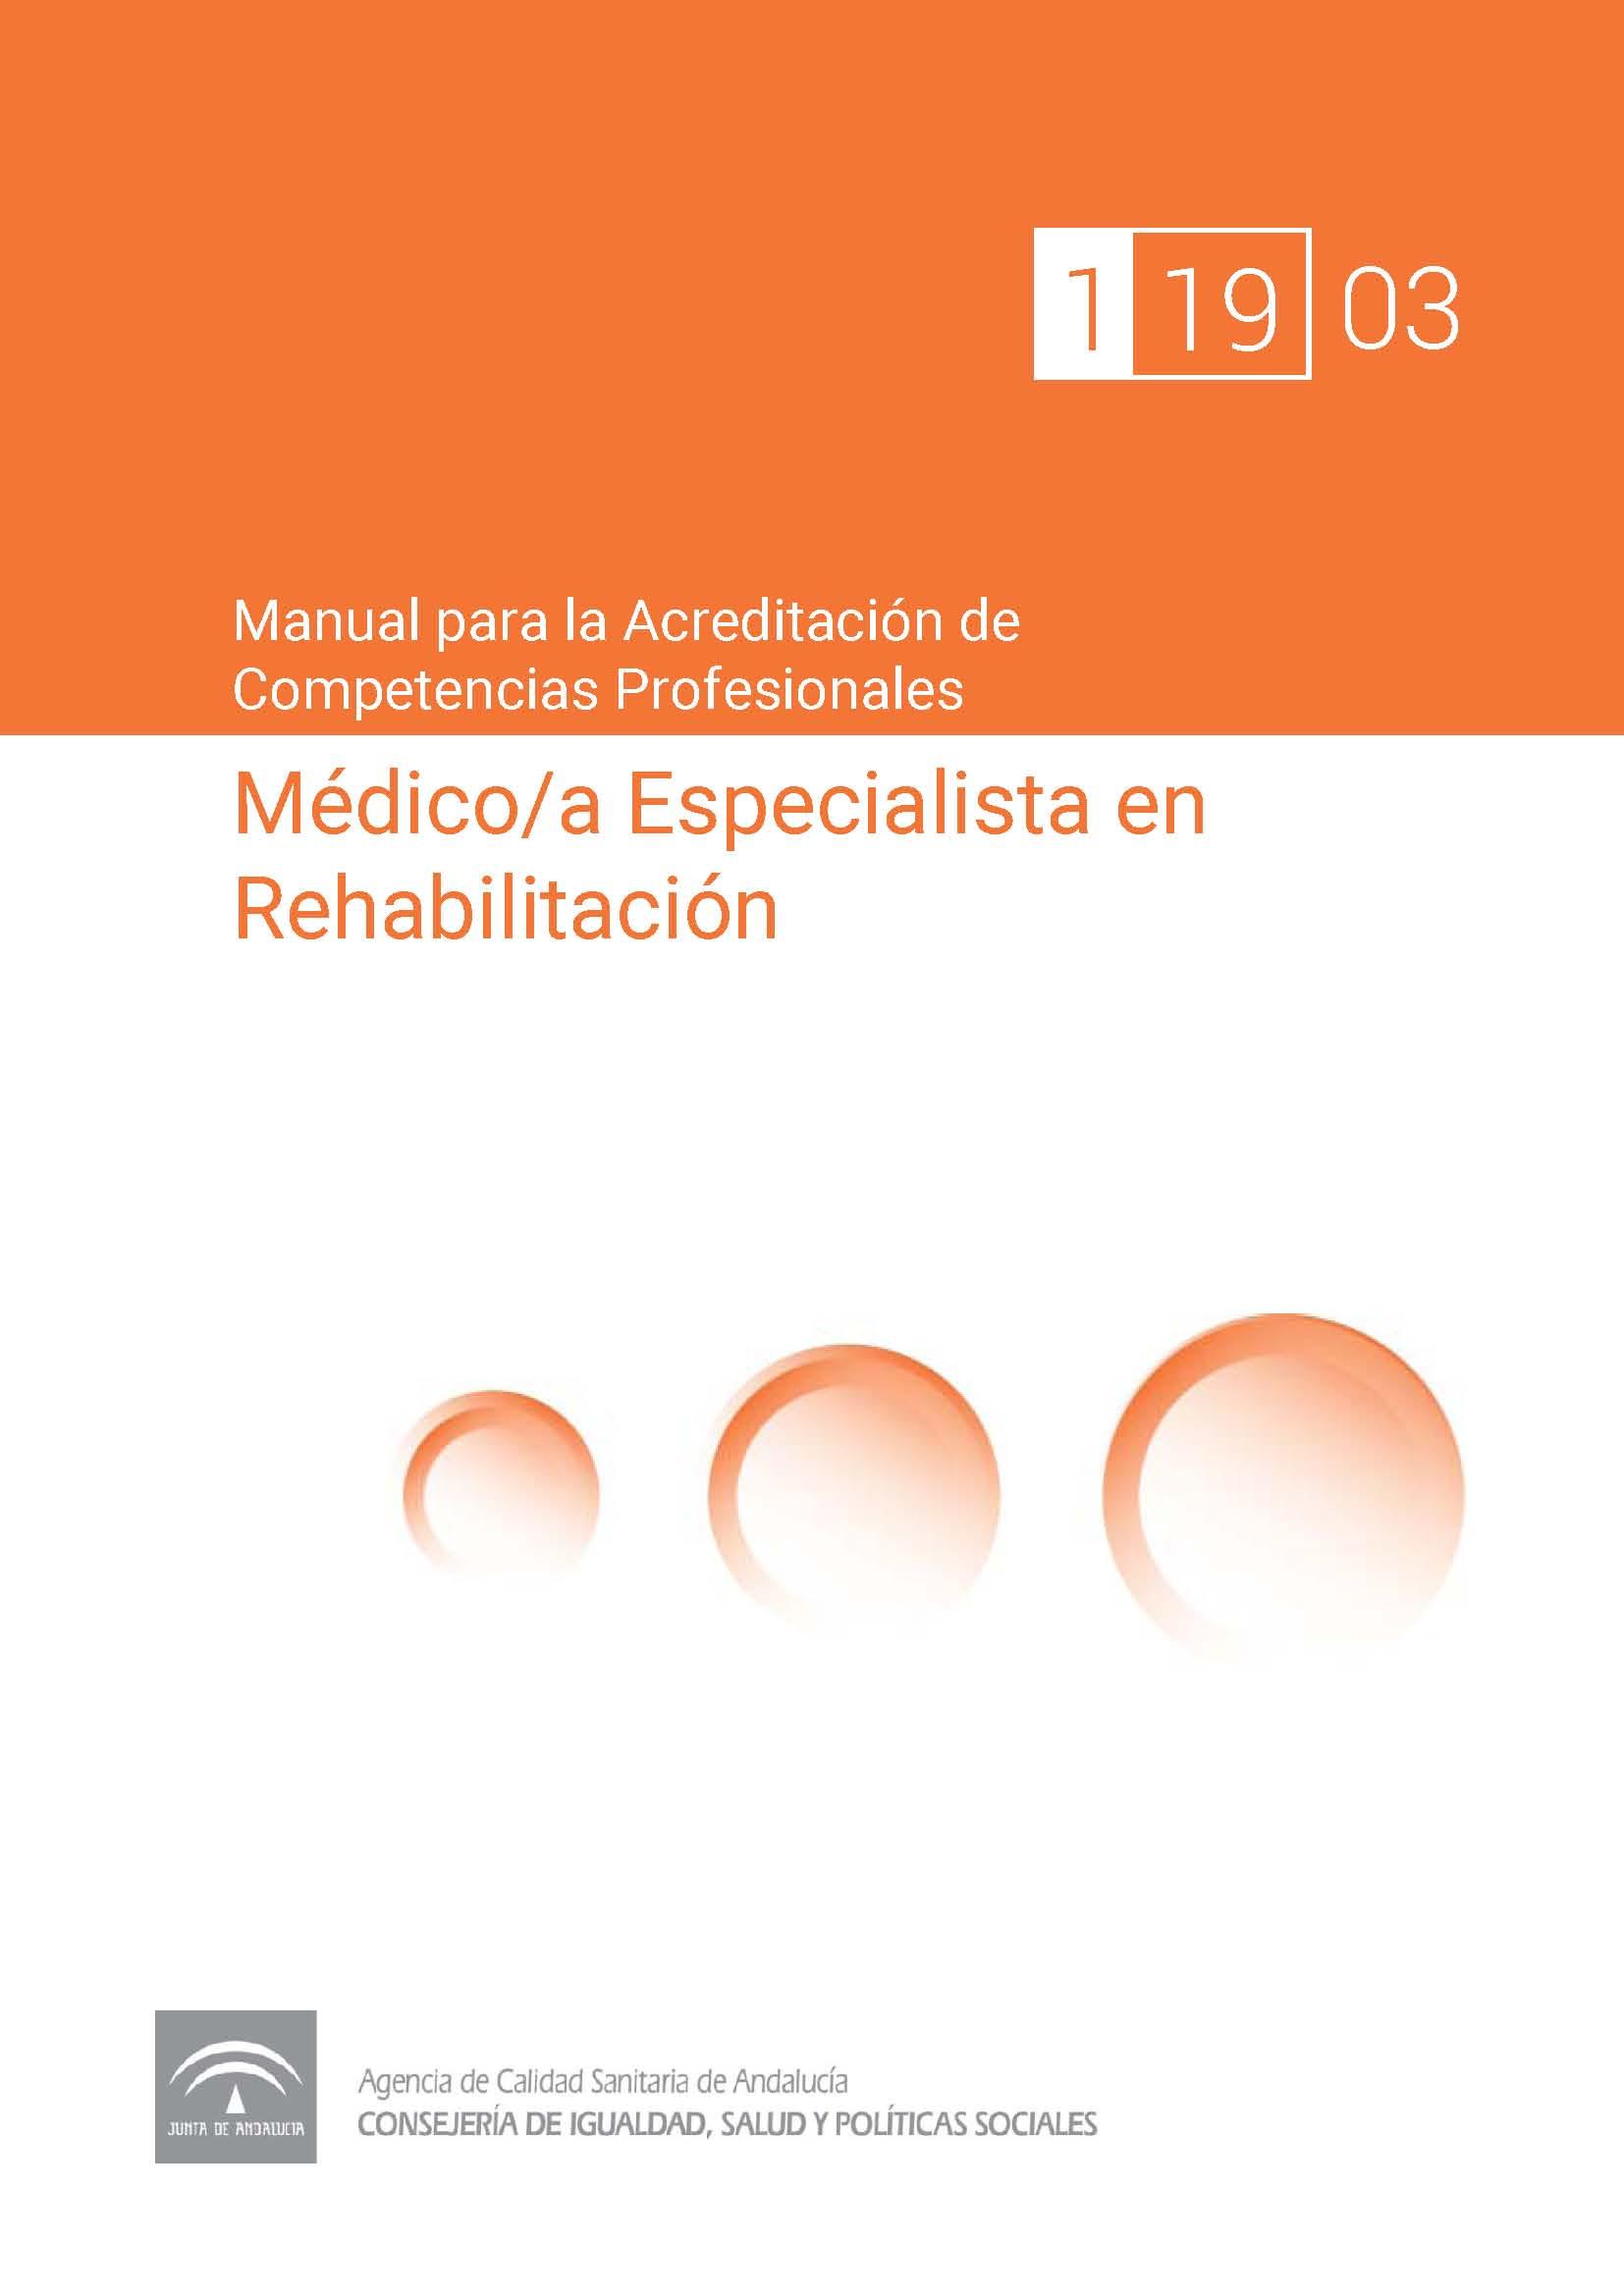 Manual de competencias profesionales del/de la Médico/a Especialista en Rehabilitación